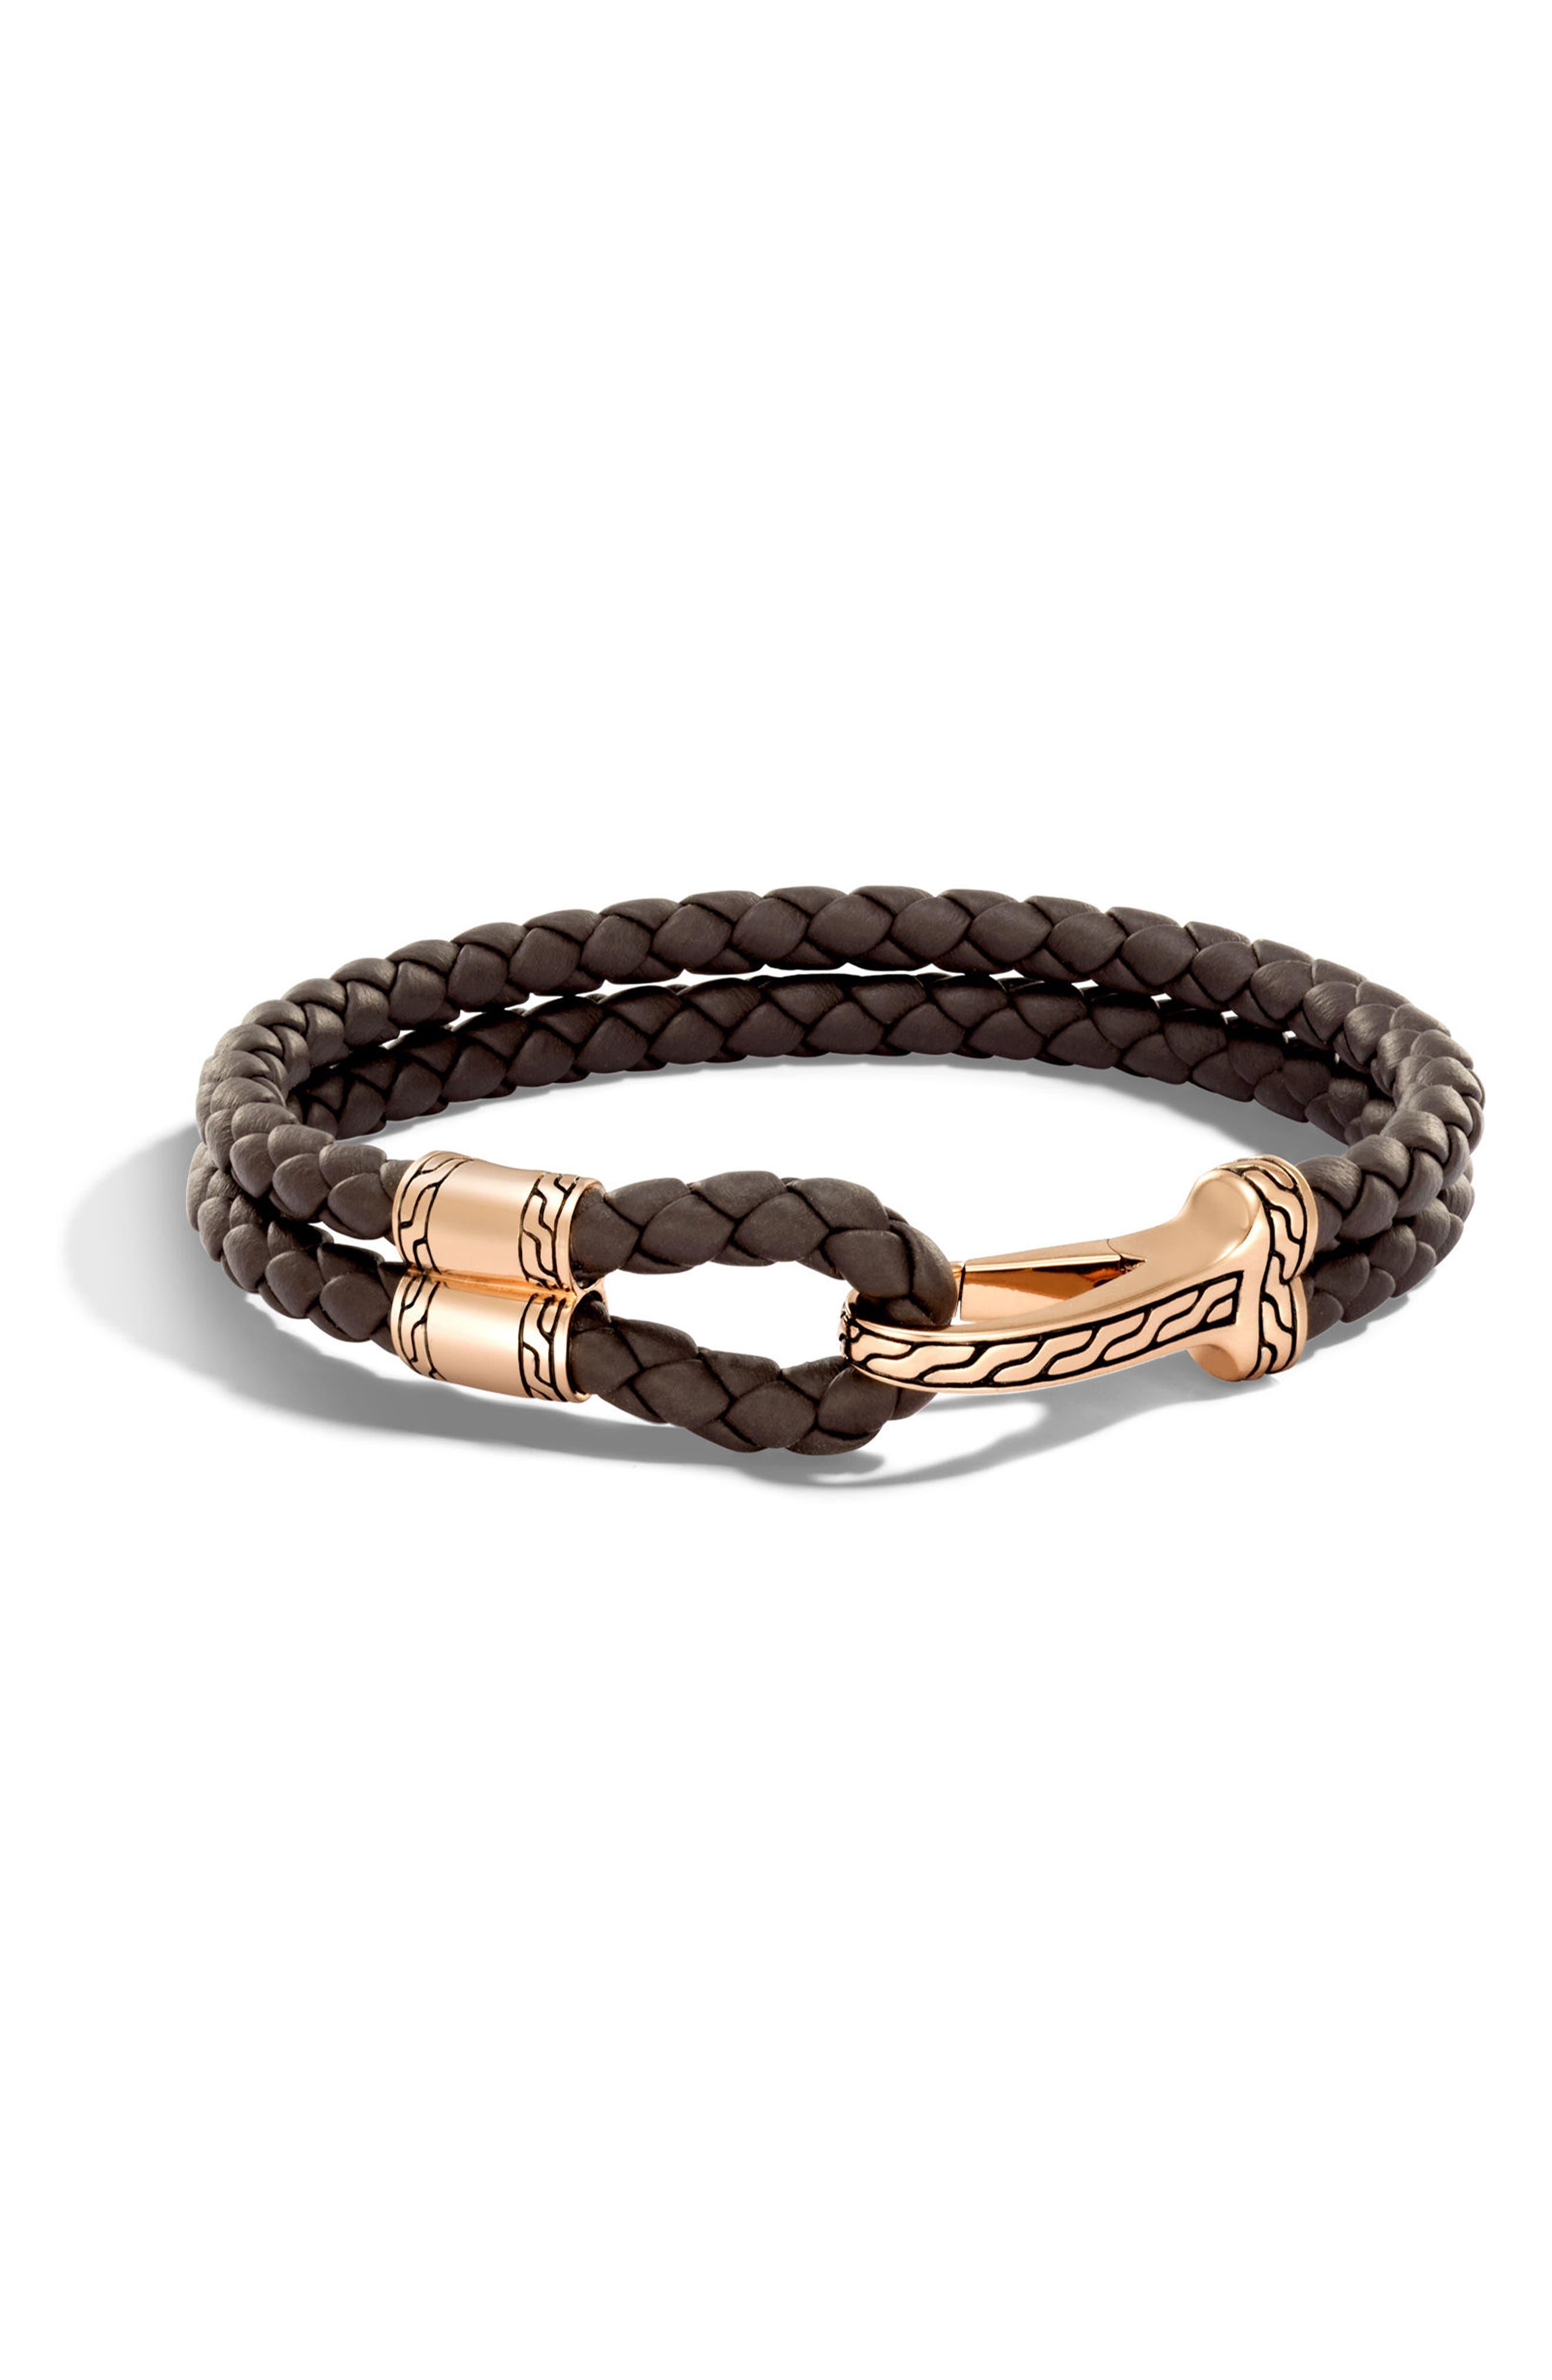 Classic Double Leather Chain Bronze Hook Bracelet,                             Main thumbnail 1, color,                             BRONZE